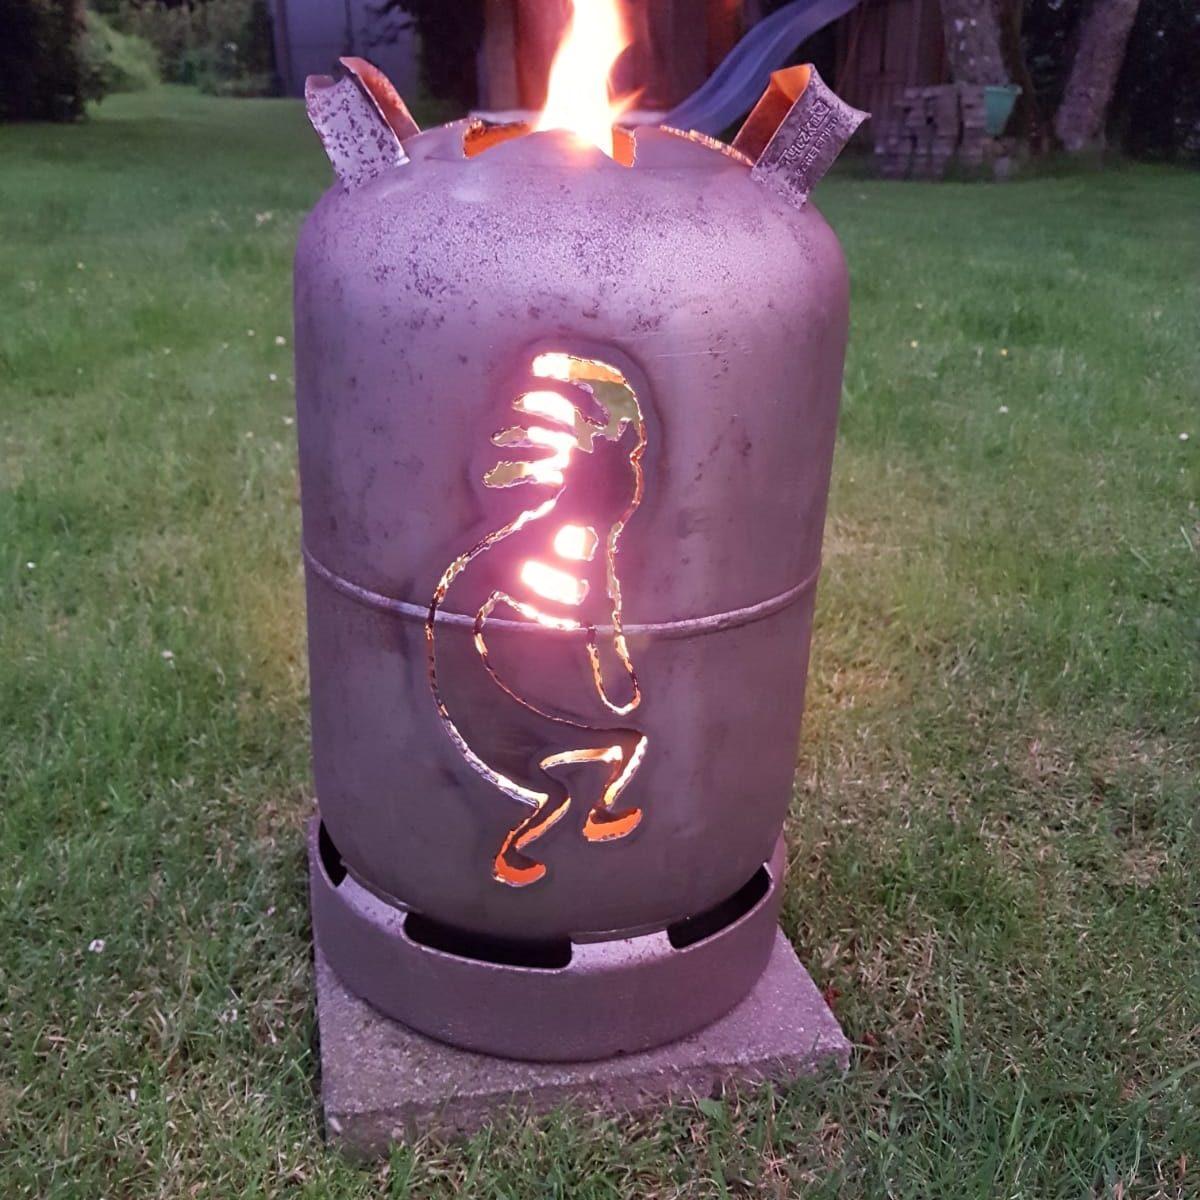 Kokopelli - das religiöse Symbol der Anasazi-Indianer als Heldenfeuer.